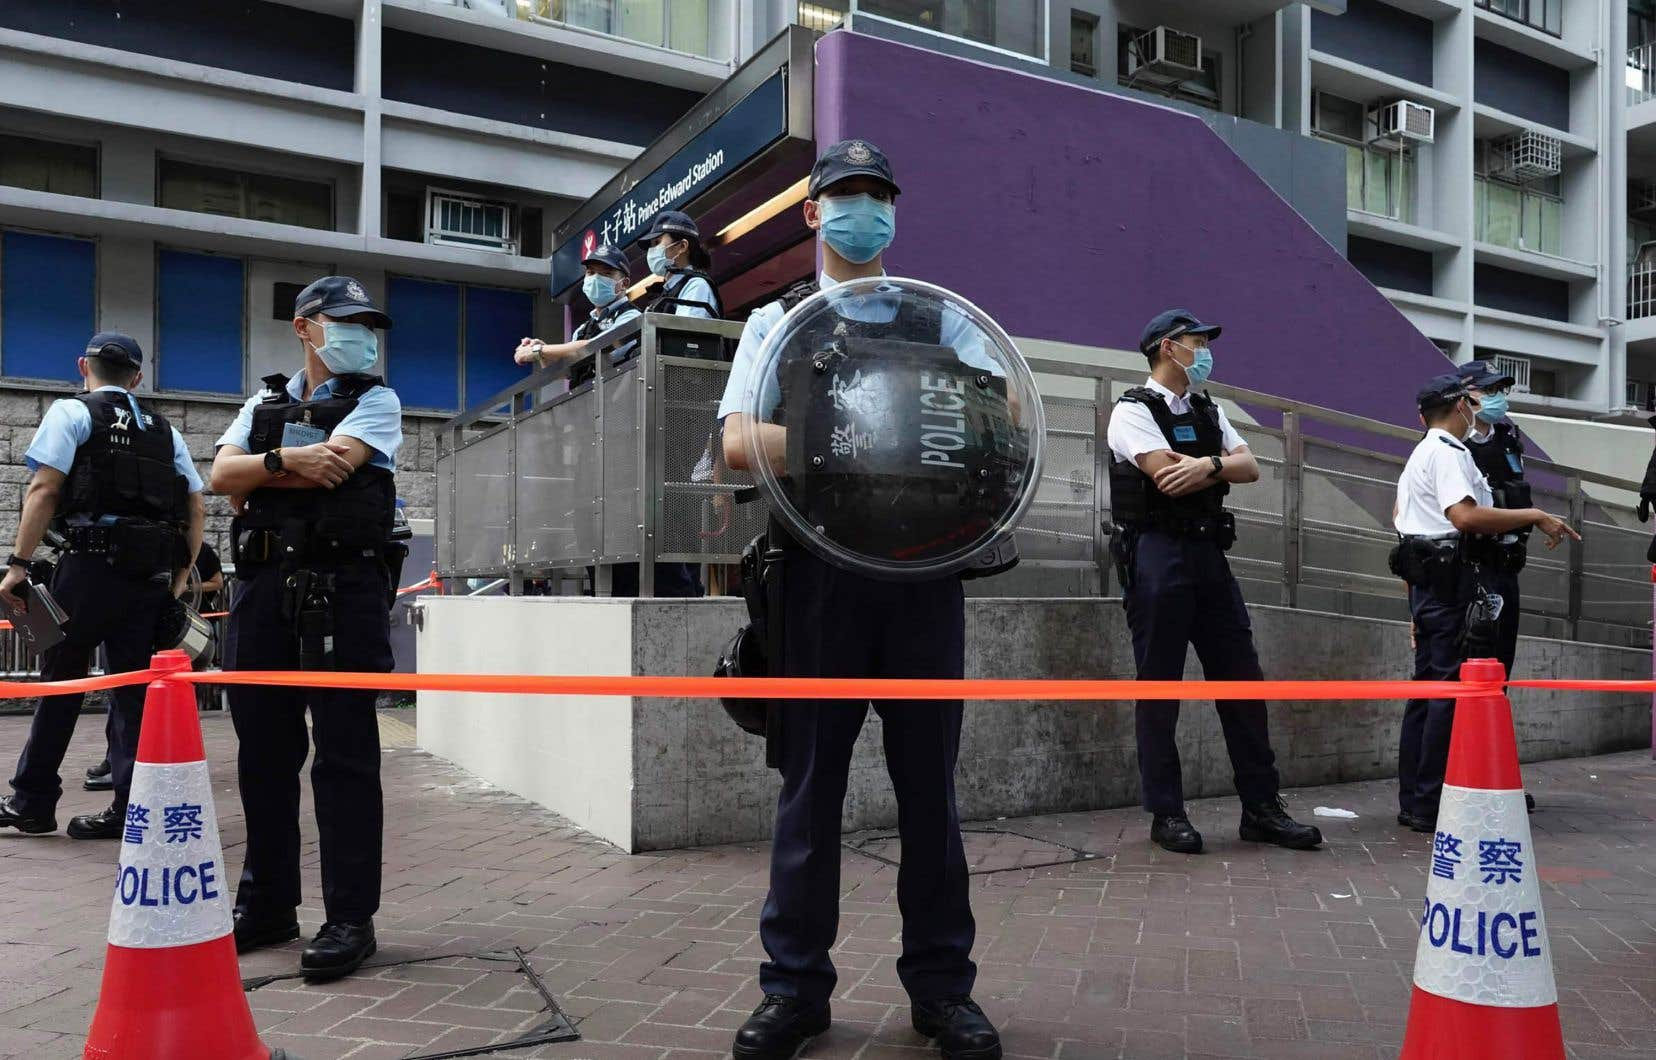 Des policiers montent la garde de la station de métro Prince Edward, où des manifestants ont été violemment battus par des policiers il y a un an, le 31 août 2019.